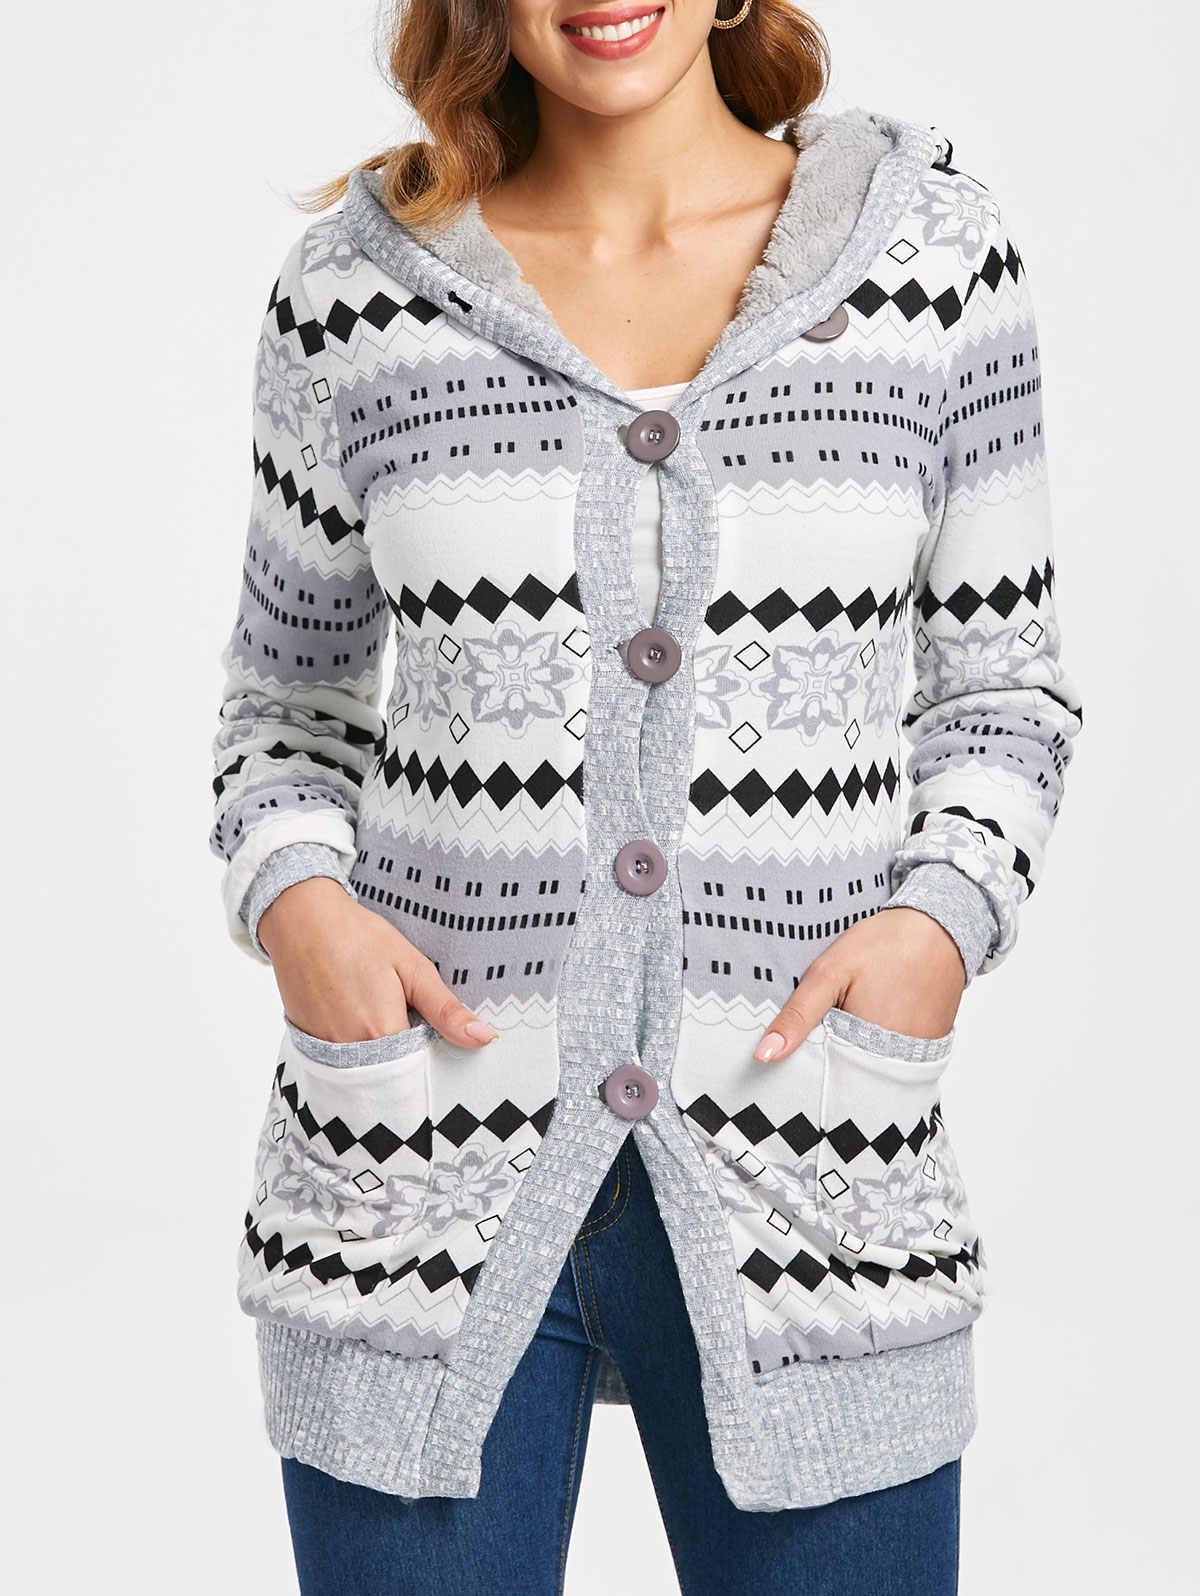 Kenancy geométrico retalhos feminino causal camisola outono com capuz mangas compridas feminino cardigan botão up bolsos duplos femme topos